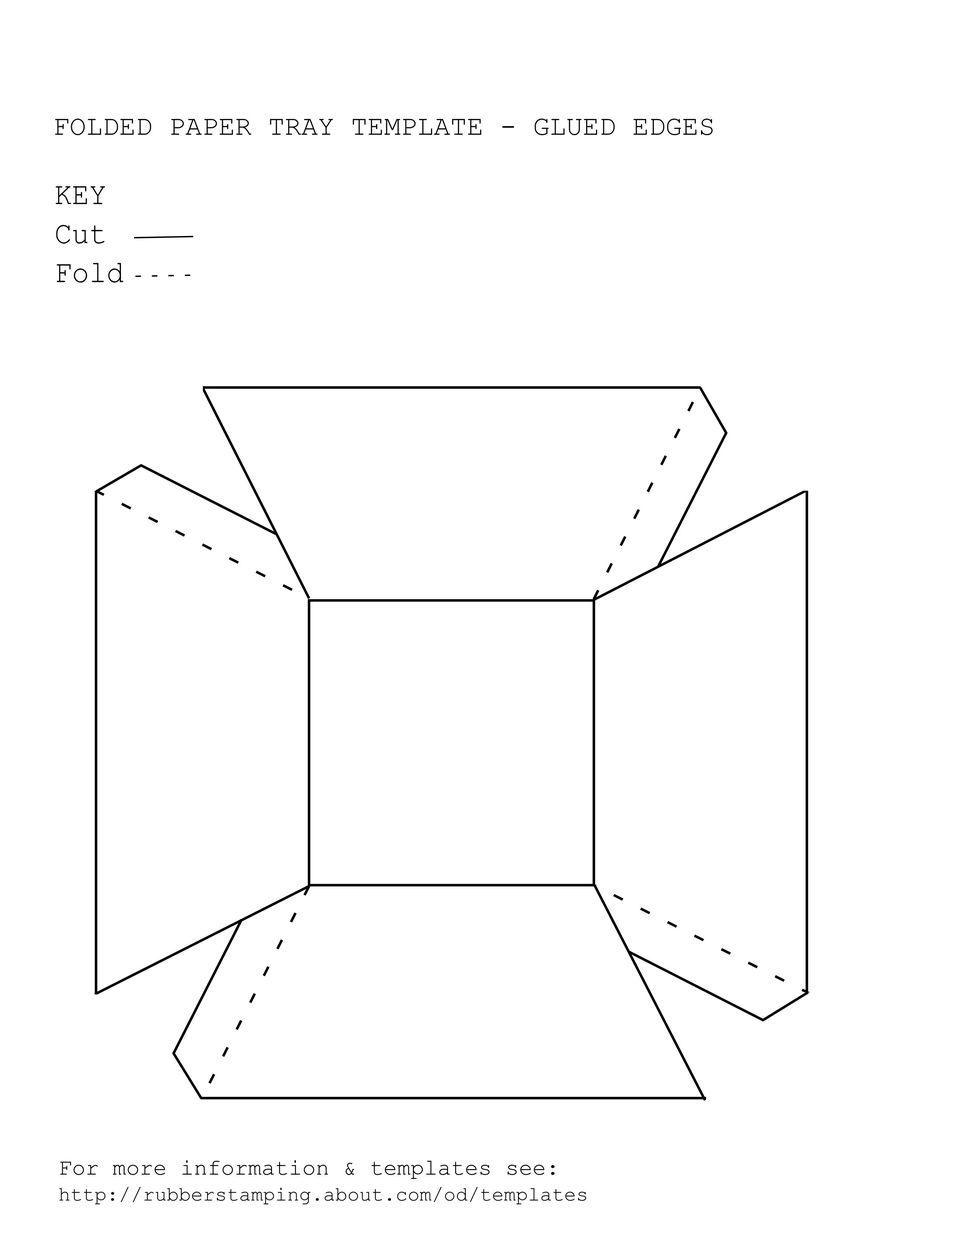 printable key template